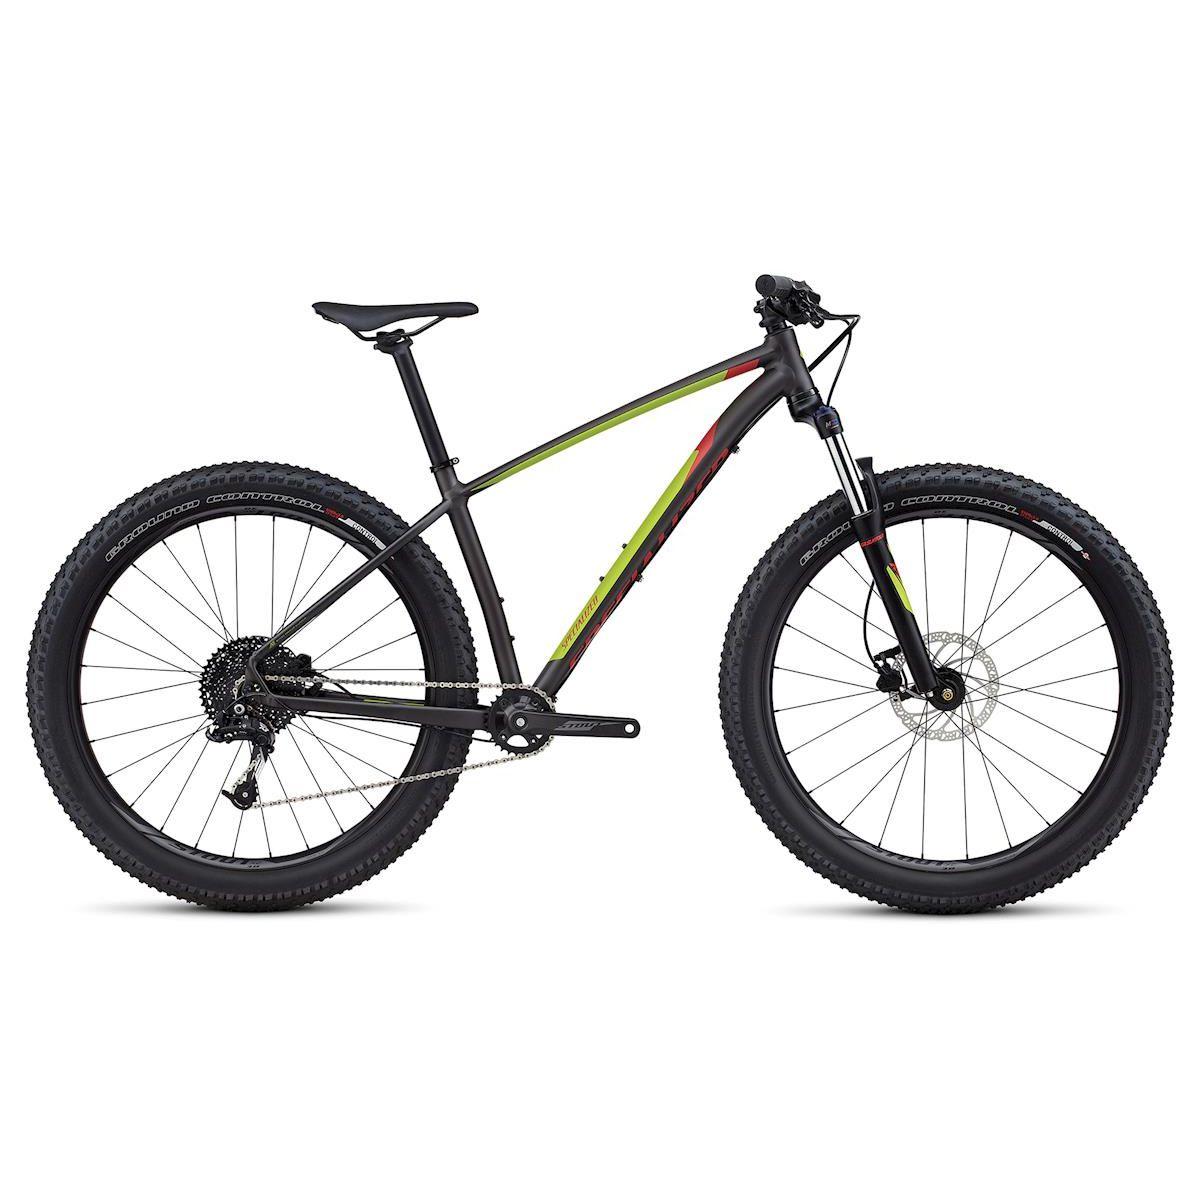 Bicicleta Specialized Fuse 6Fattie 2018